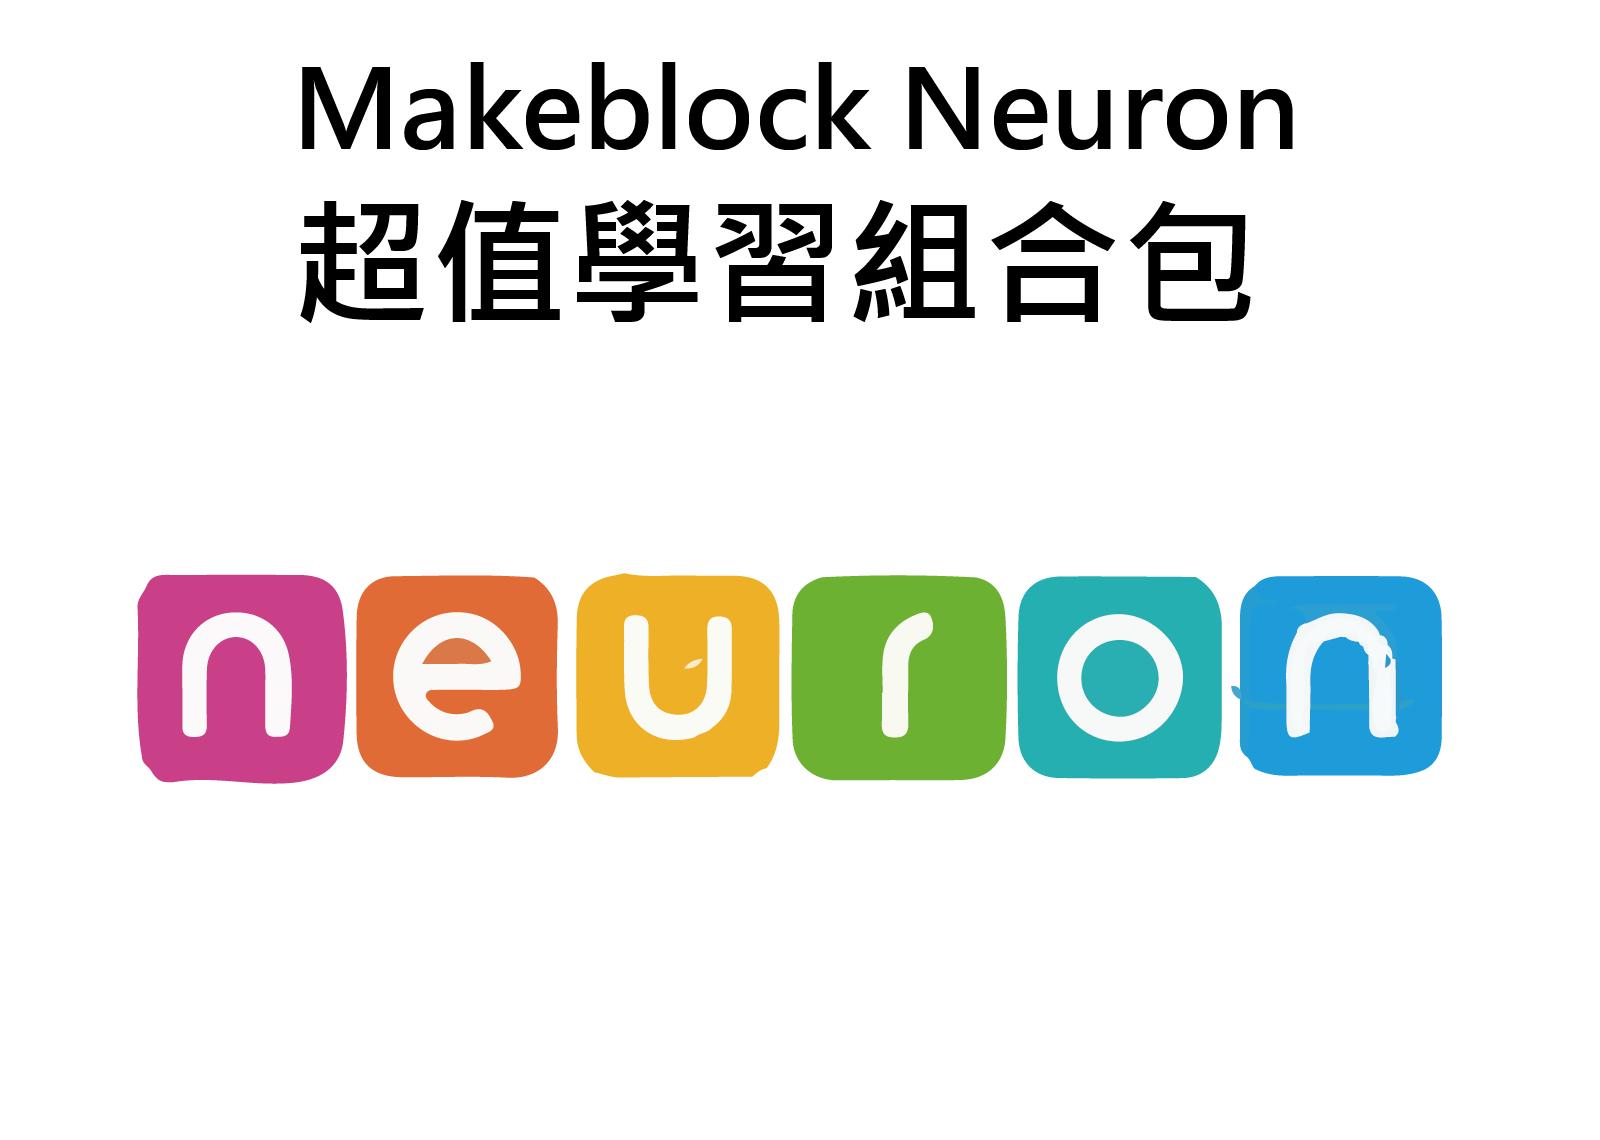 神經元超值學習組合包